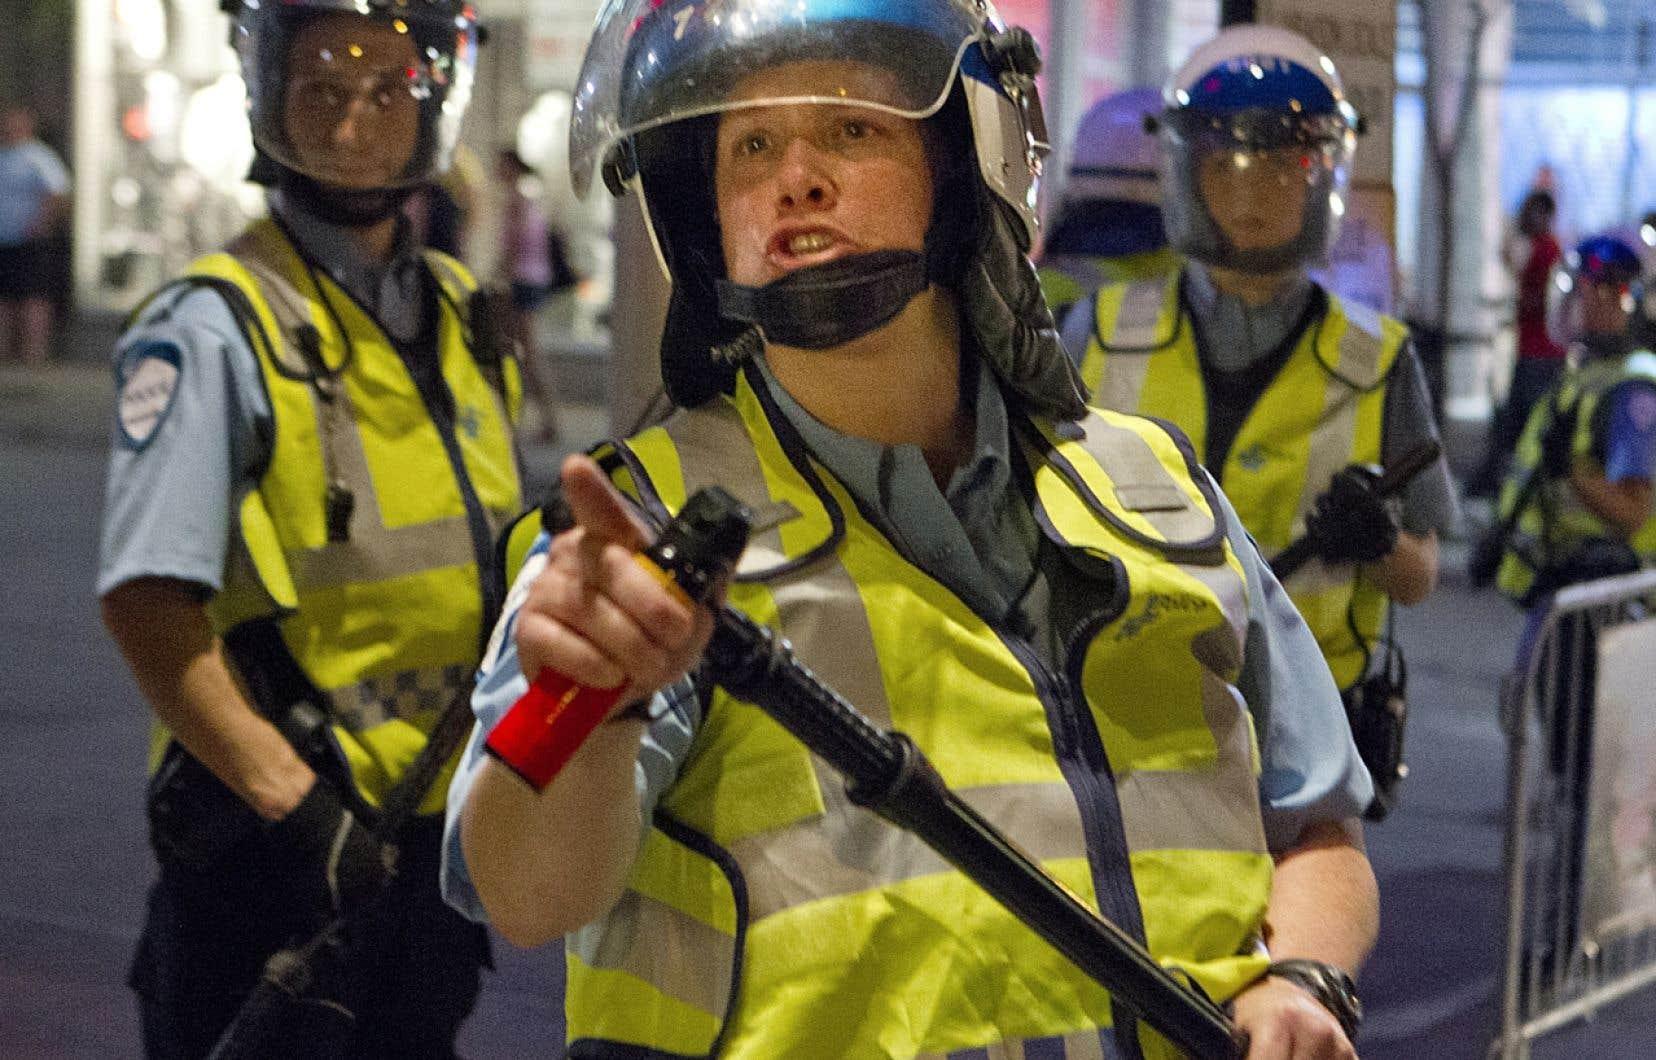 La policière Stéfanie Trudeau, vers 22h30, le 20 mai 2012, s'apprête à poivrer une série de citoyens qu'elle juge dérangeants et la scène, virale dès le lendemain sur les réseaux sociaux, la tire de l'anonymat.